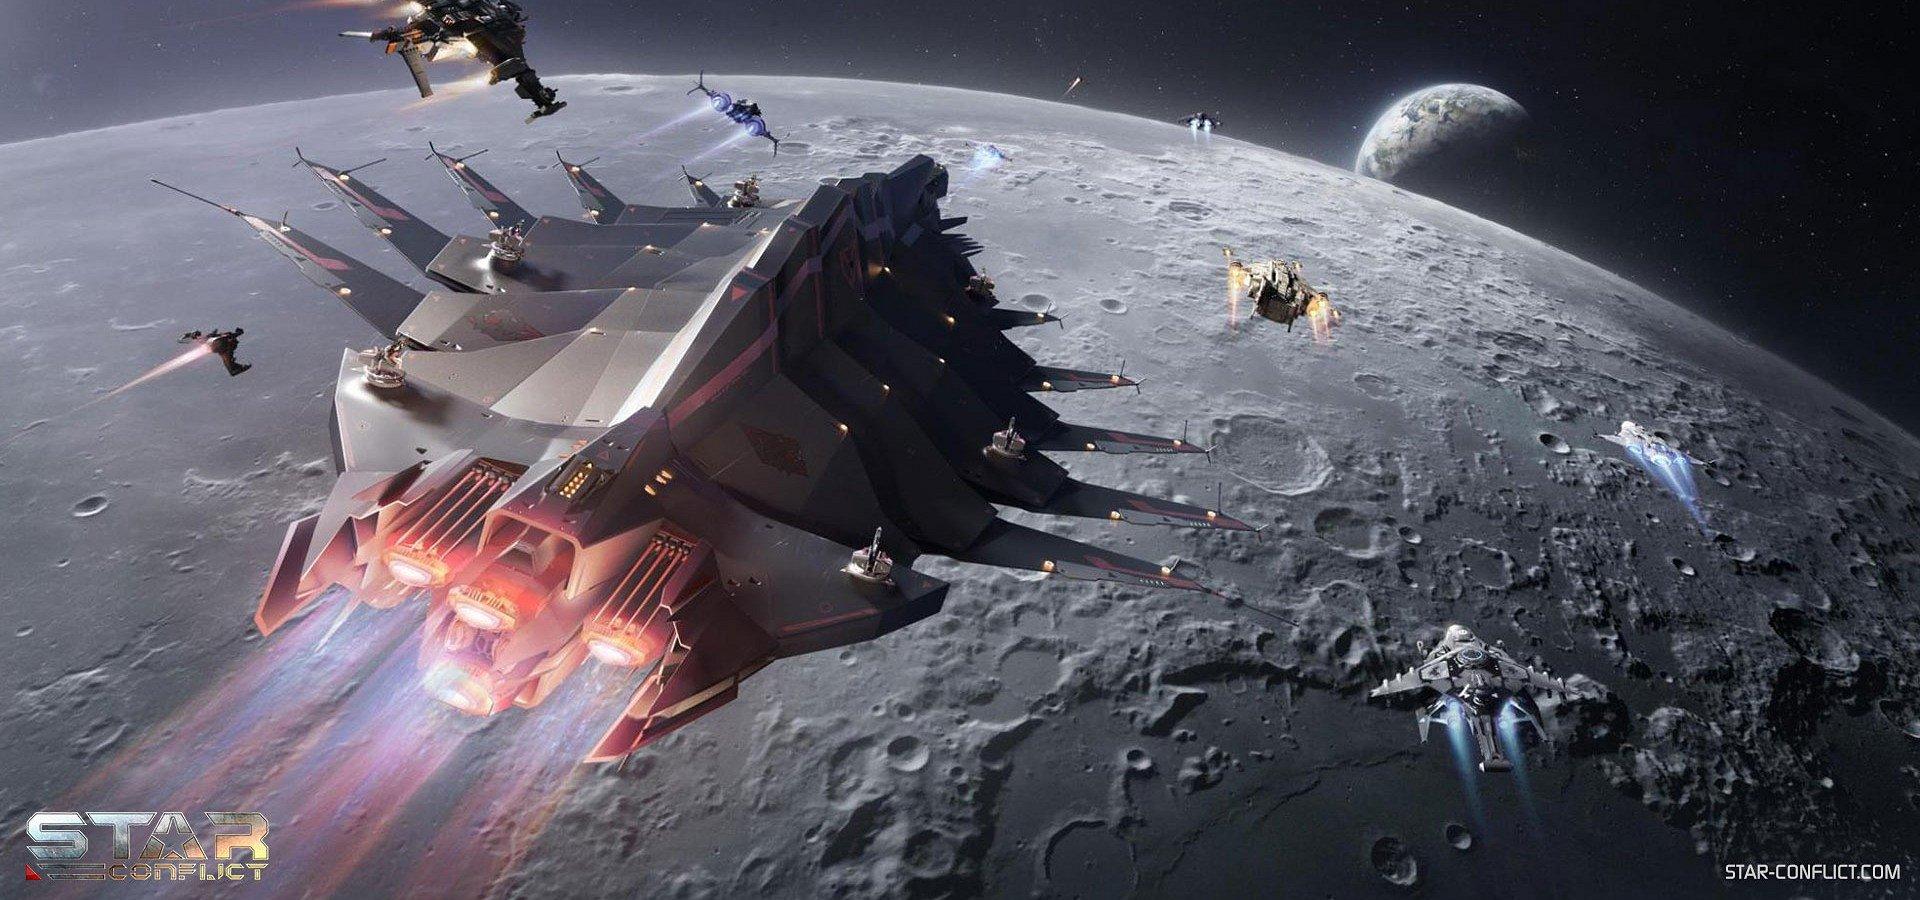 Star Conflict oslavuje výročie pristátia na mesiaci so špeciálnou hernou udalostou, kde sa dá získat vesmírna loď zadarmo, a tiež nové PvE misie